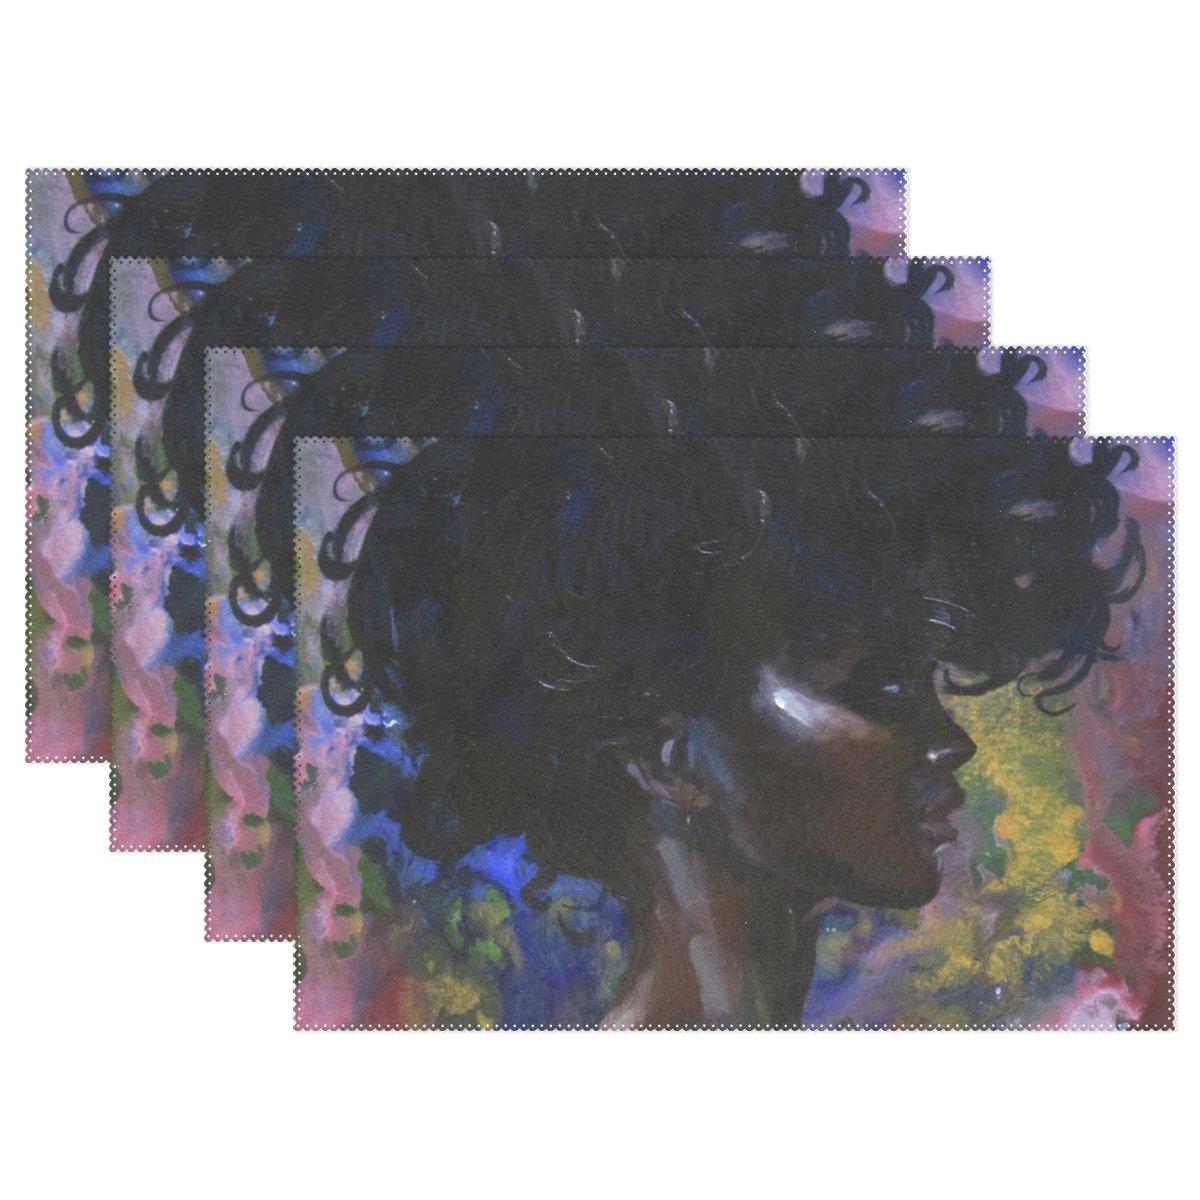 アフリカ女性アート印刷、プレースマットalirea耐熱プレースマット汚れ防止滑り防止洗濯可能ポリエステルテーブルマット非スリップ洗濯可能プレースマット、12